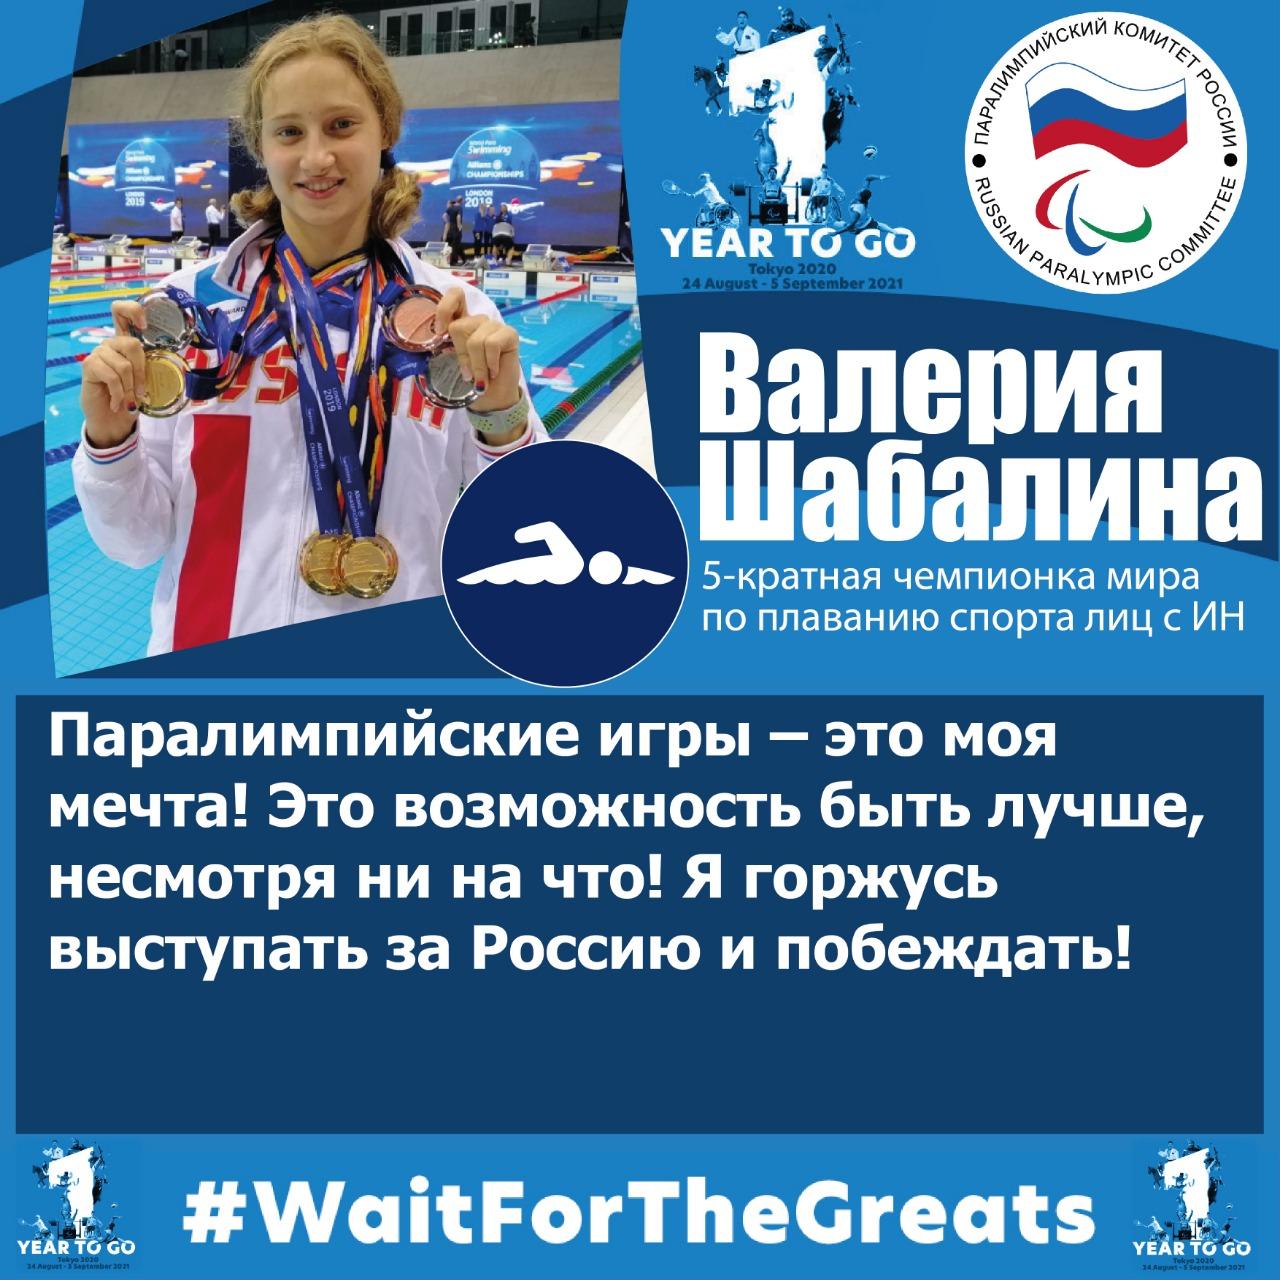 В. Шабалина: «Паралимпийские игры — это моя мечта! Это возможность быть лучше, несмотря ни на что! Я горжусь выступать за Россию и побеждать!»